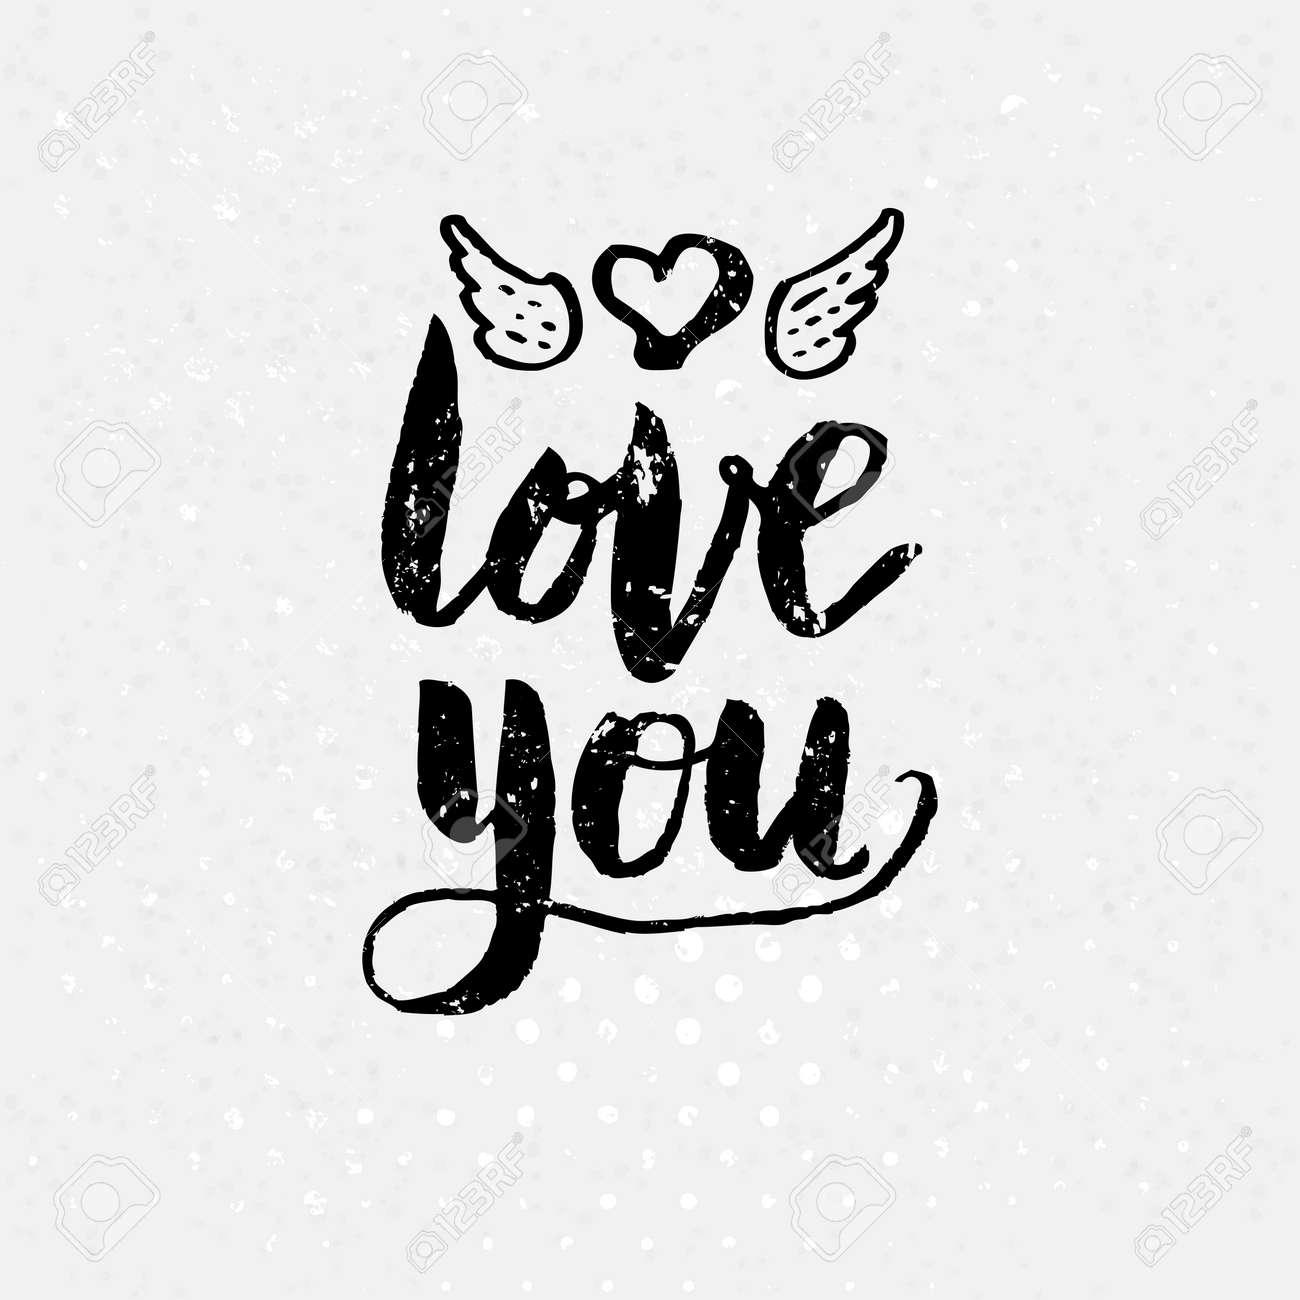 banque dimages love concept noir et blanc simple love you texte sur fond blanc soulignant coeur avec des ailes